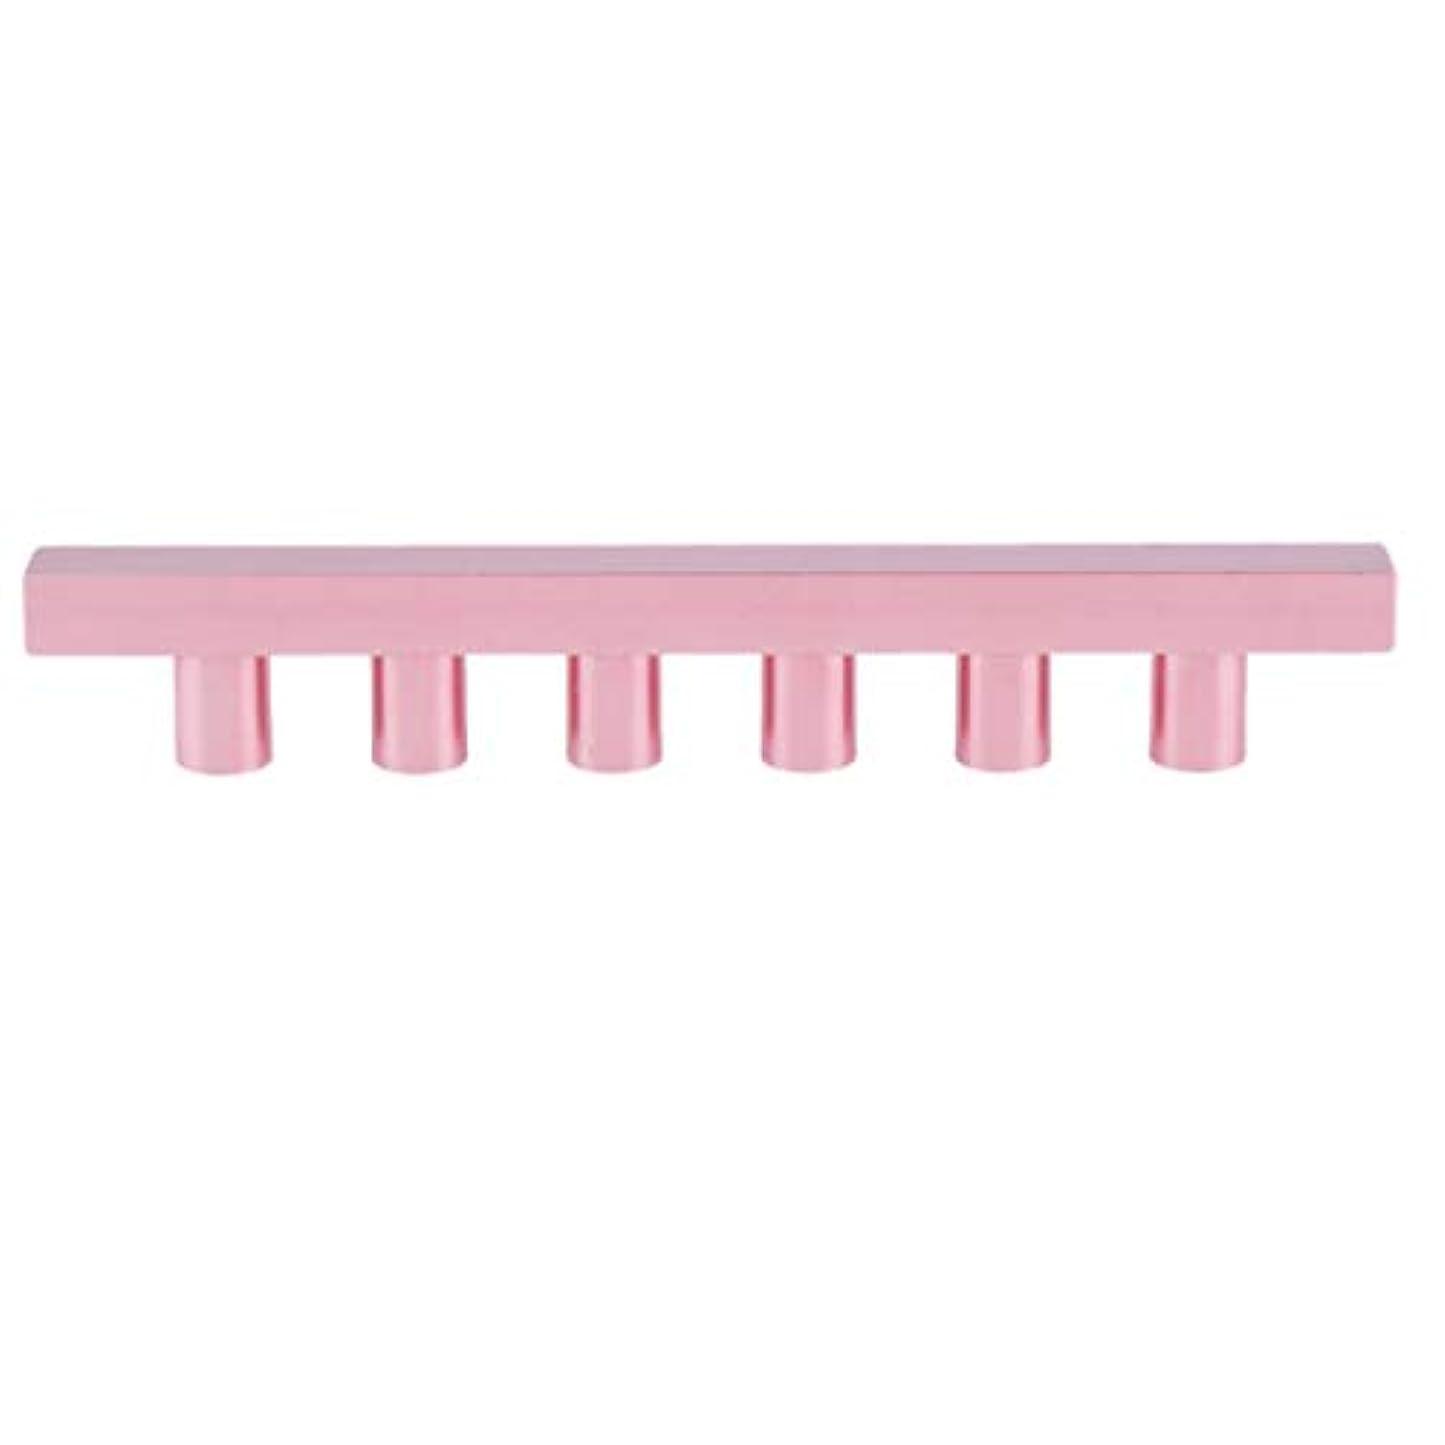 アジア人アシストプロフェッショナルPerfeclan 口紅金型 口紅リング DIY リップクリーム リップスティック リップバーム 手作り 3サイズ選べ - 6孔